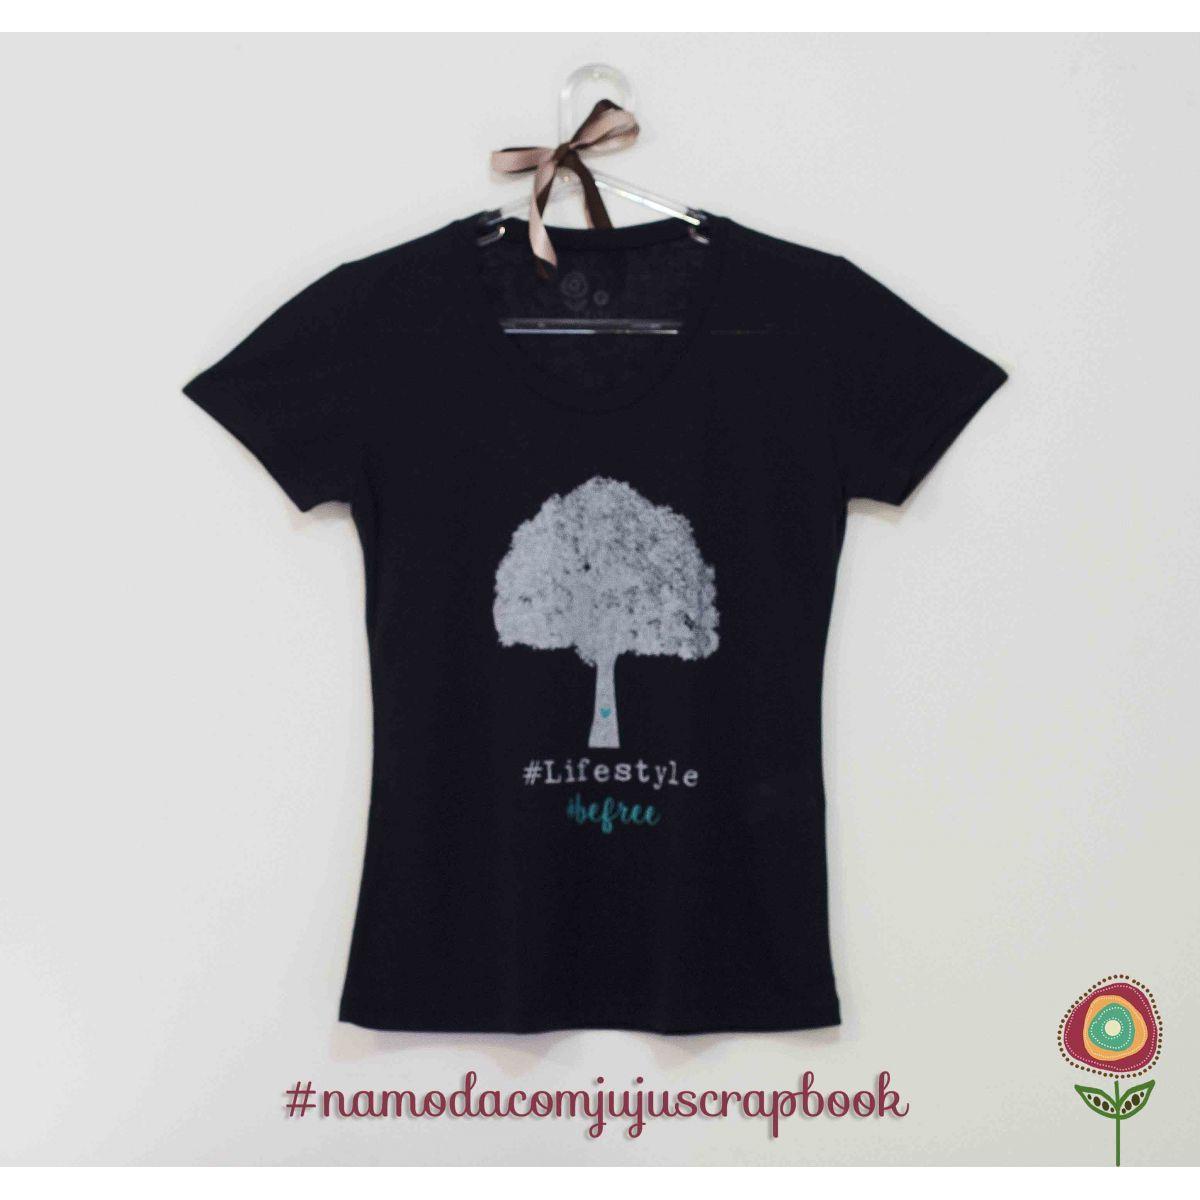 T-shirt Modelo Be Free  - Coleção Família para Sempre / JuJu Scrapbook  - JuJu Scrapbook